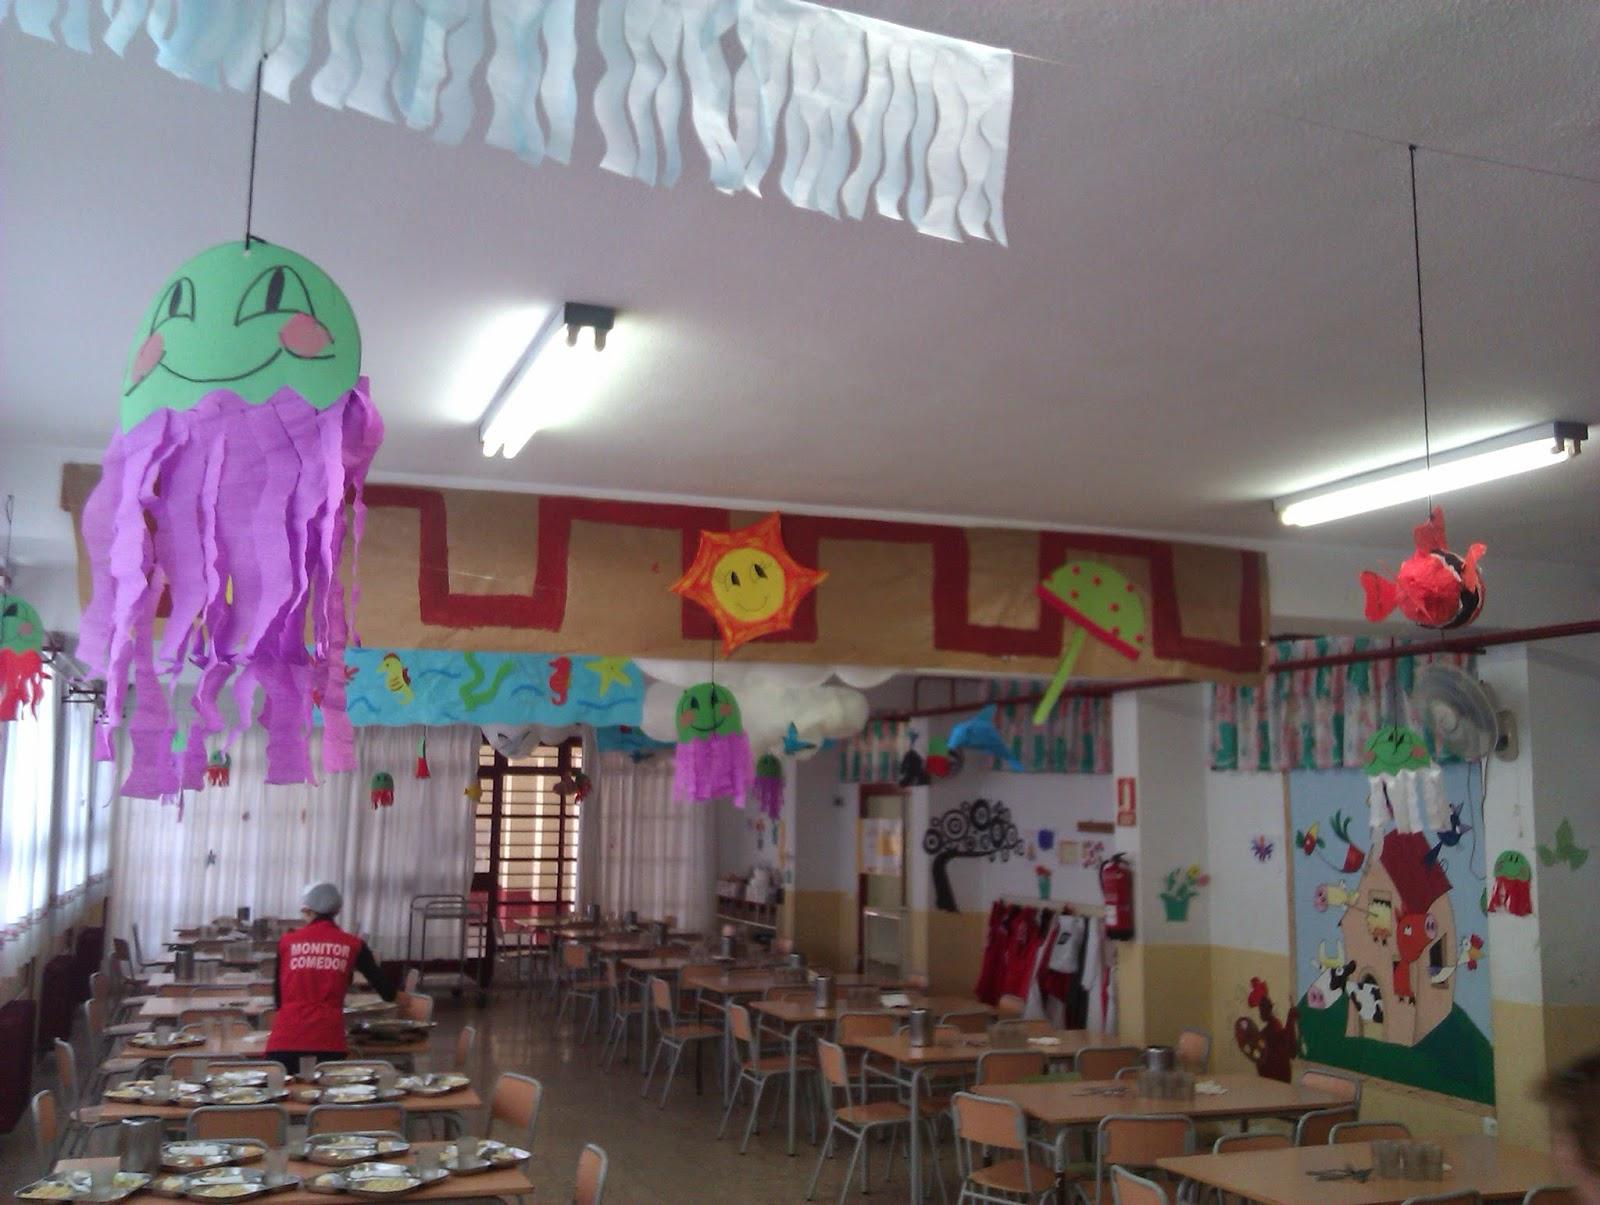 Manualidades escolares decoraci n veraniega for Cosas de decoracion